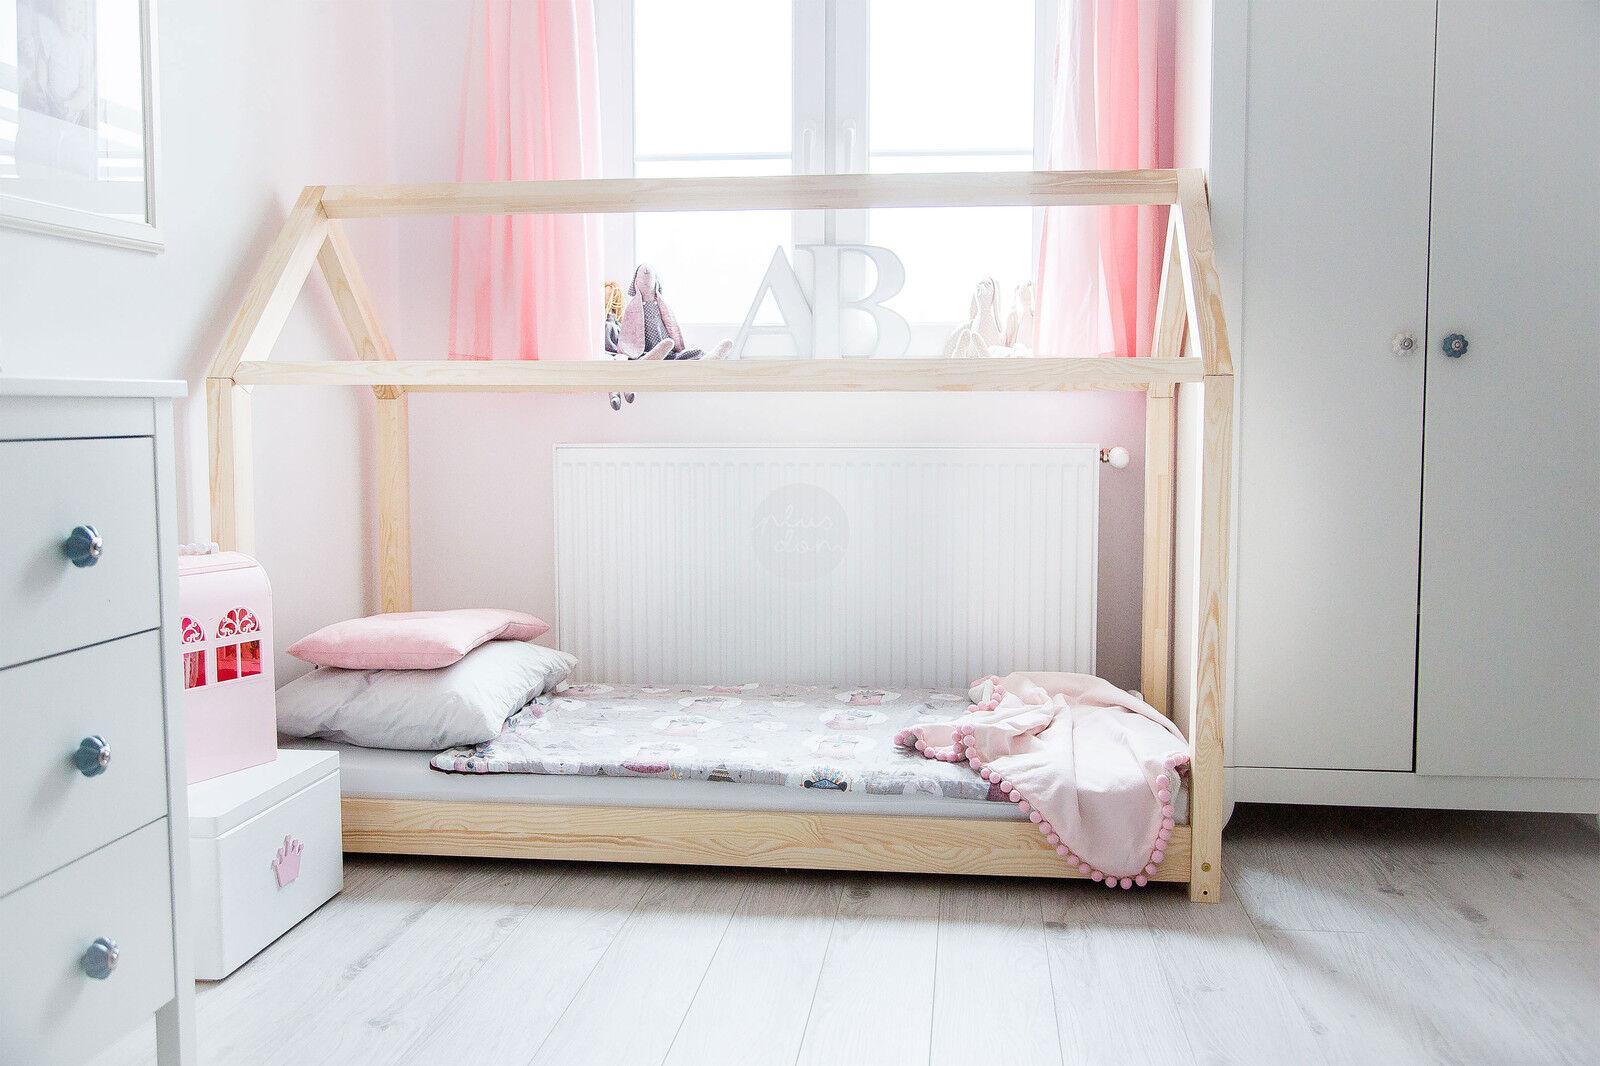 Lit enfant-Maison en bois Lit pour enfants Talo d1 70x160 cm